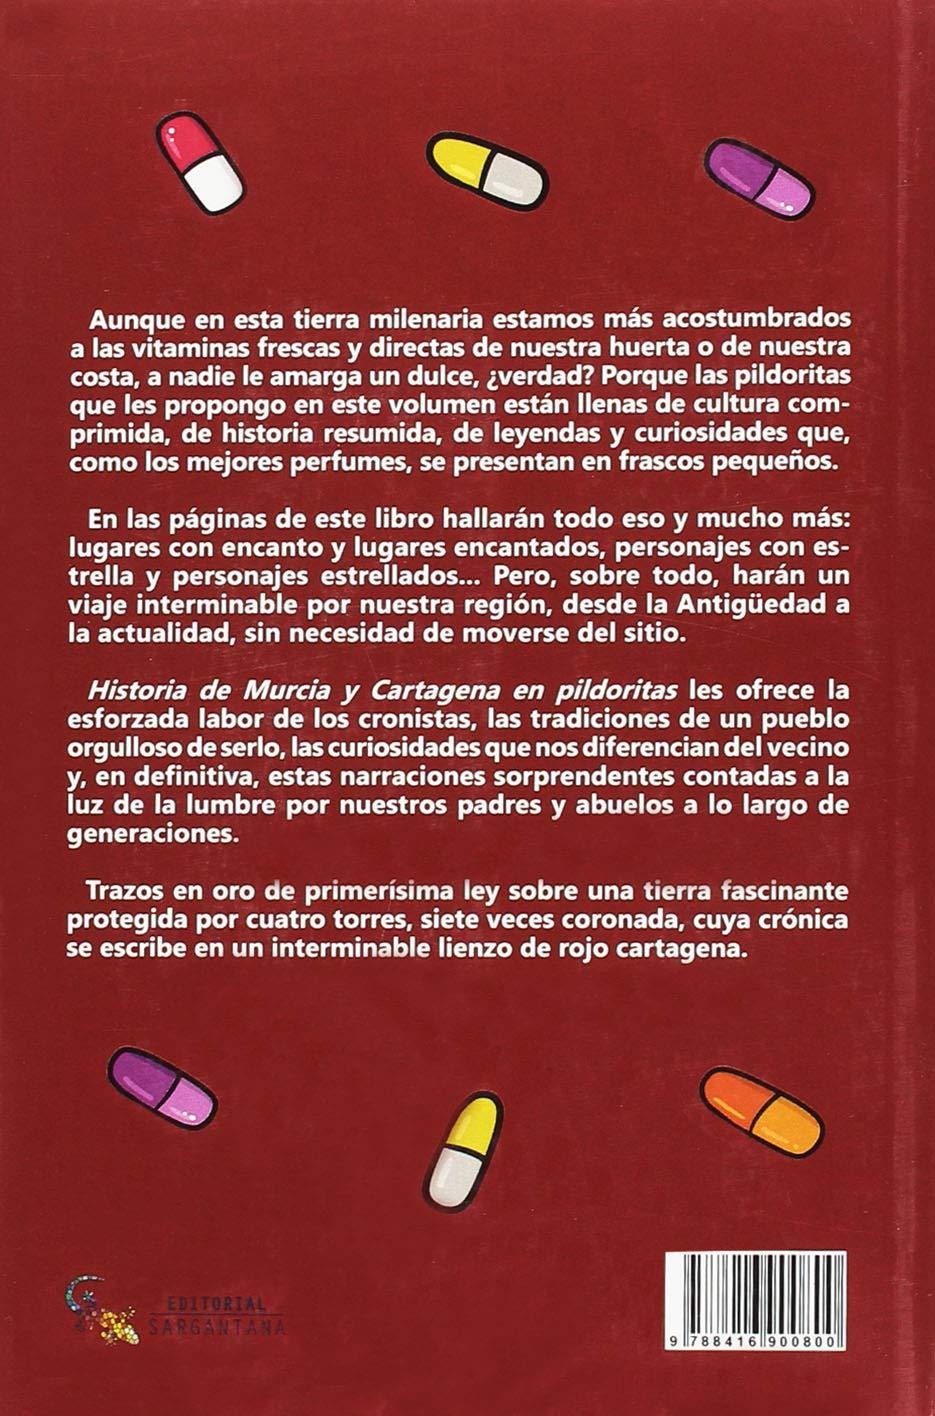 Historia de Murcia y Cartagena en pildoritas: Amazon.es: José Vilaseca Haro: Libros